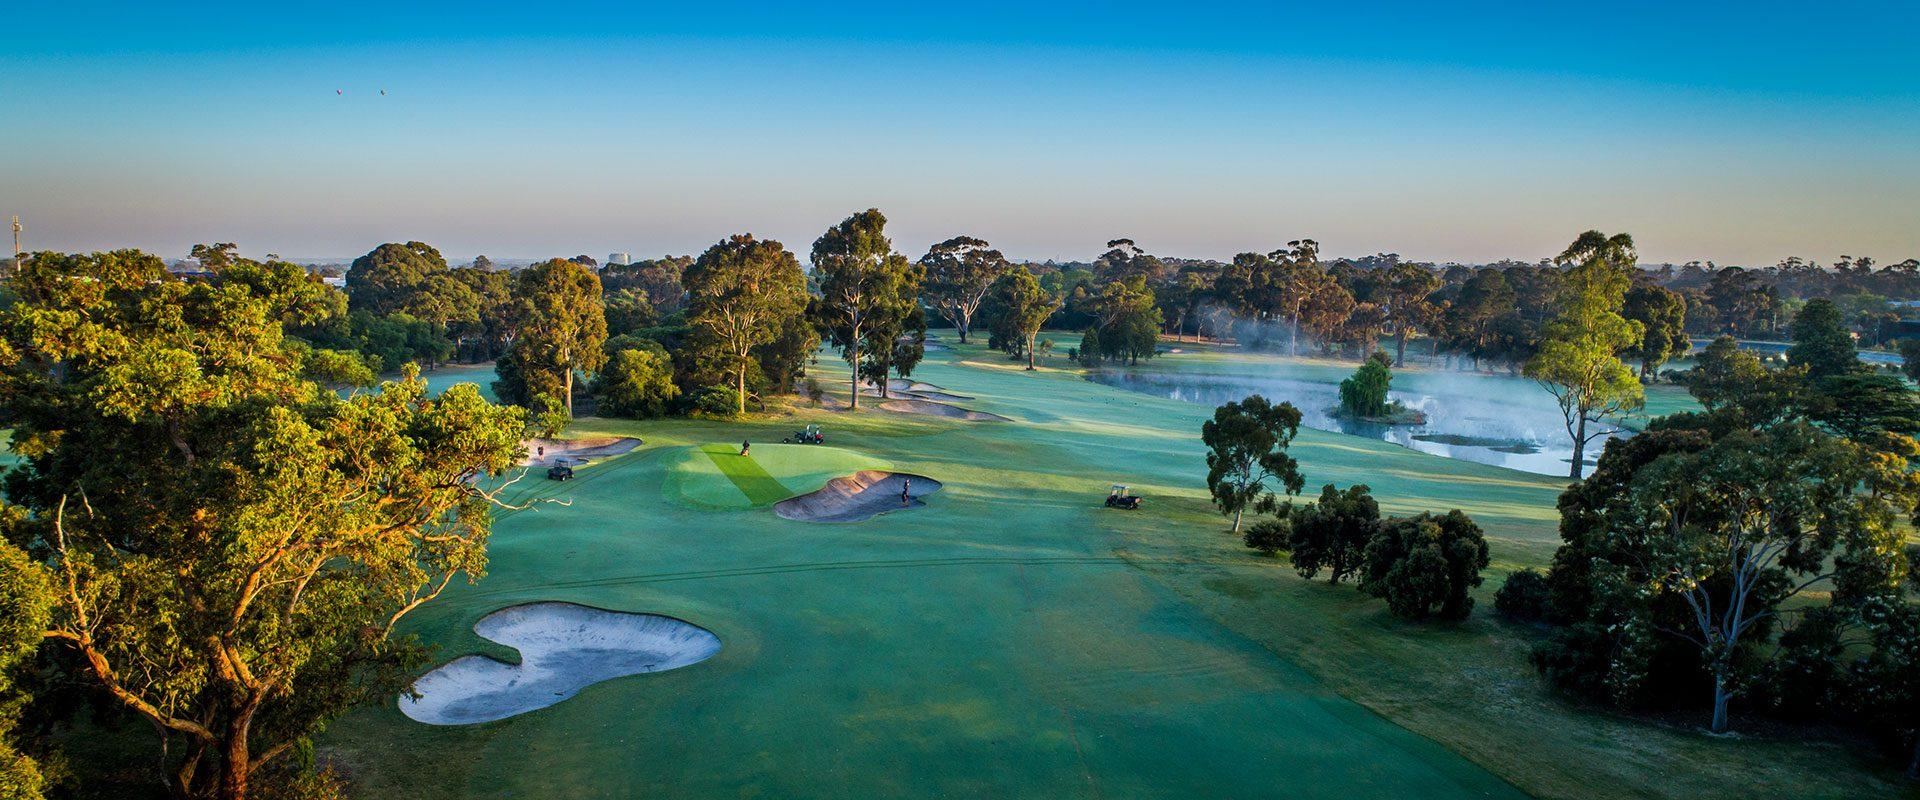 Commonwealth Golf Club | golfcourse-review.com